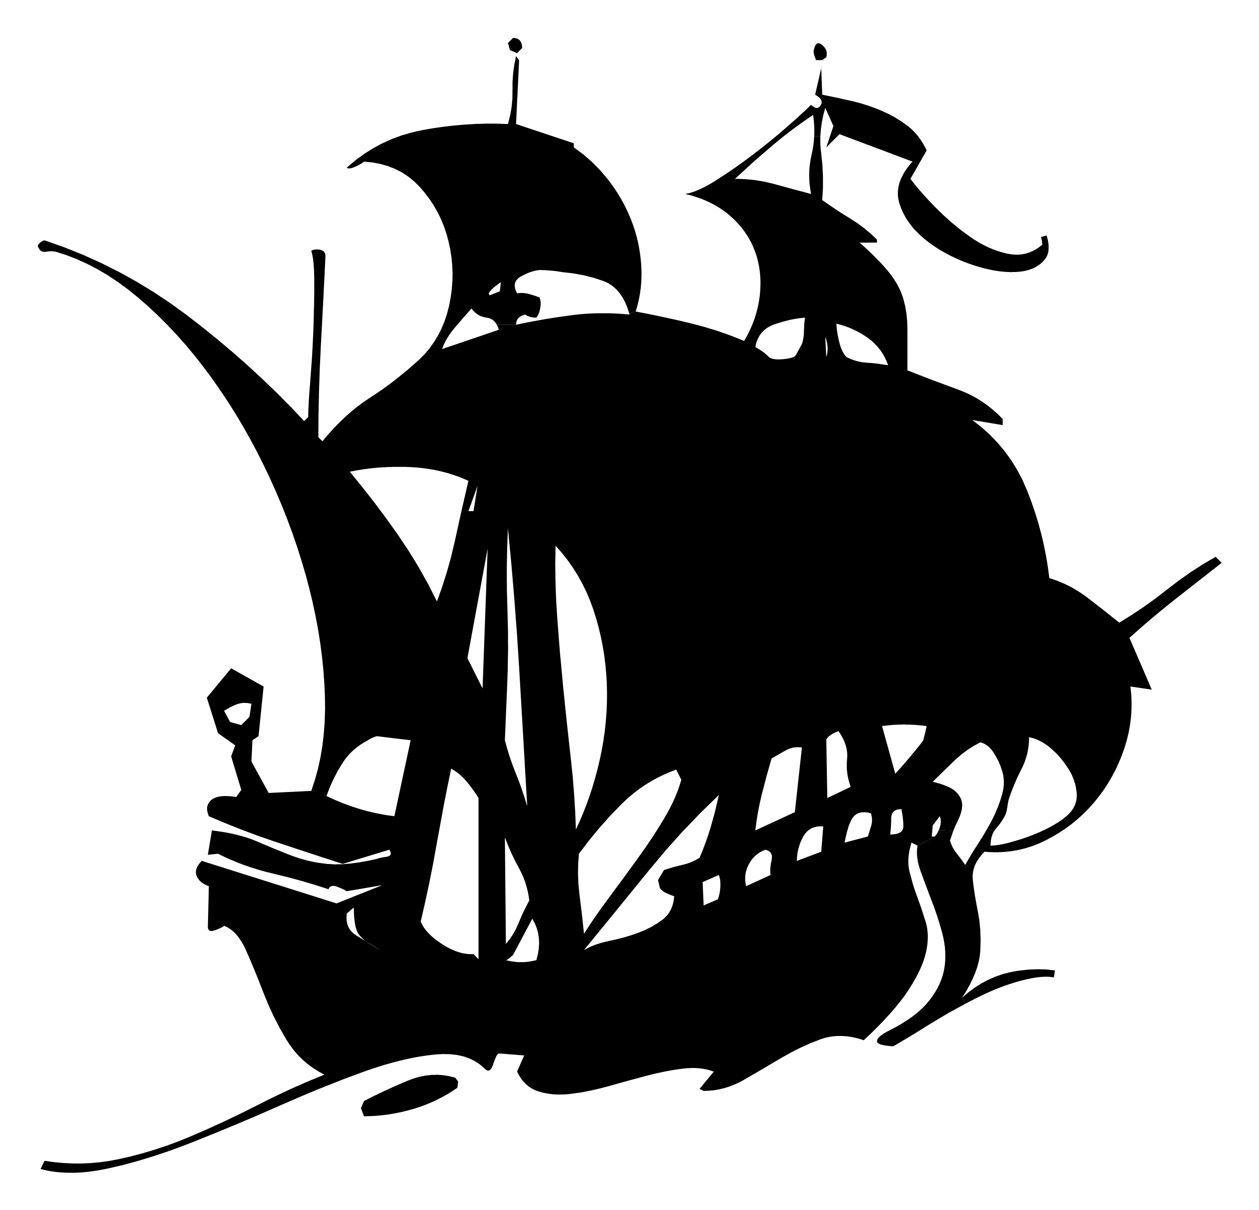 Bateau pirate dessin couleur recherche google appliques et silhouettes vinyl wall decals - Bateau de pirate dessin ...